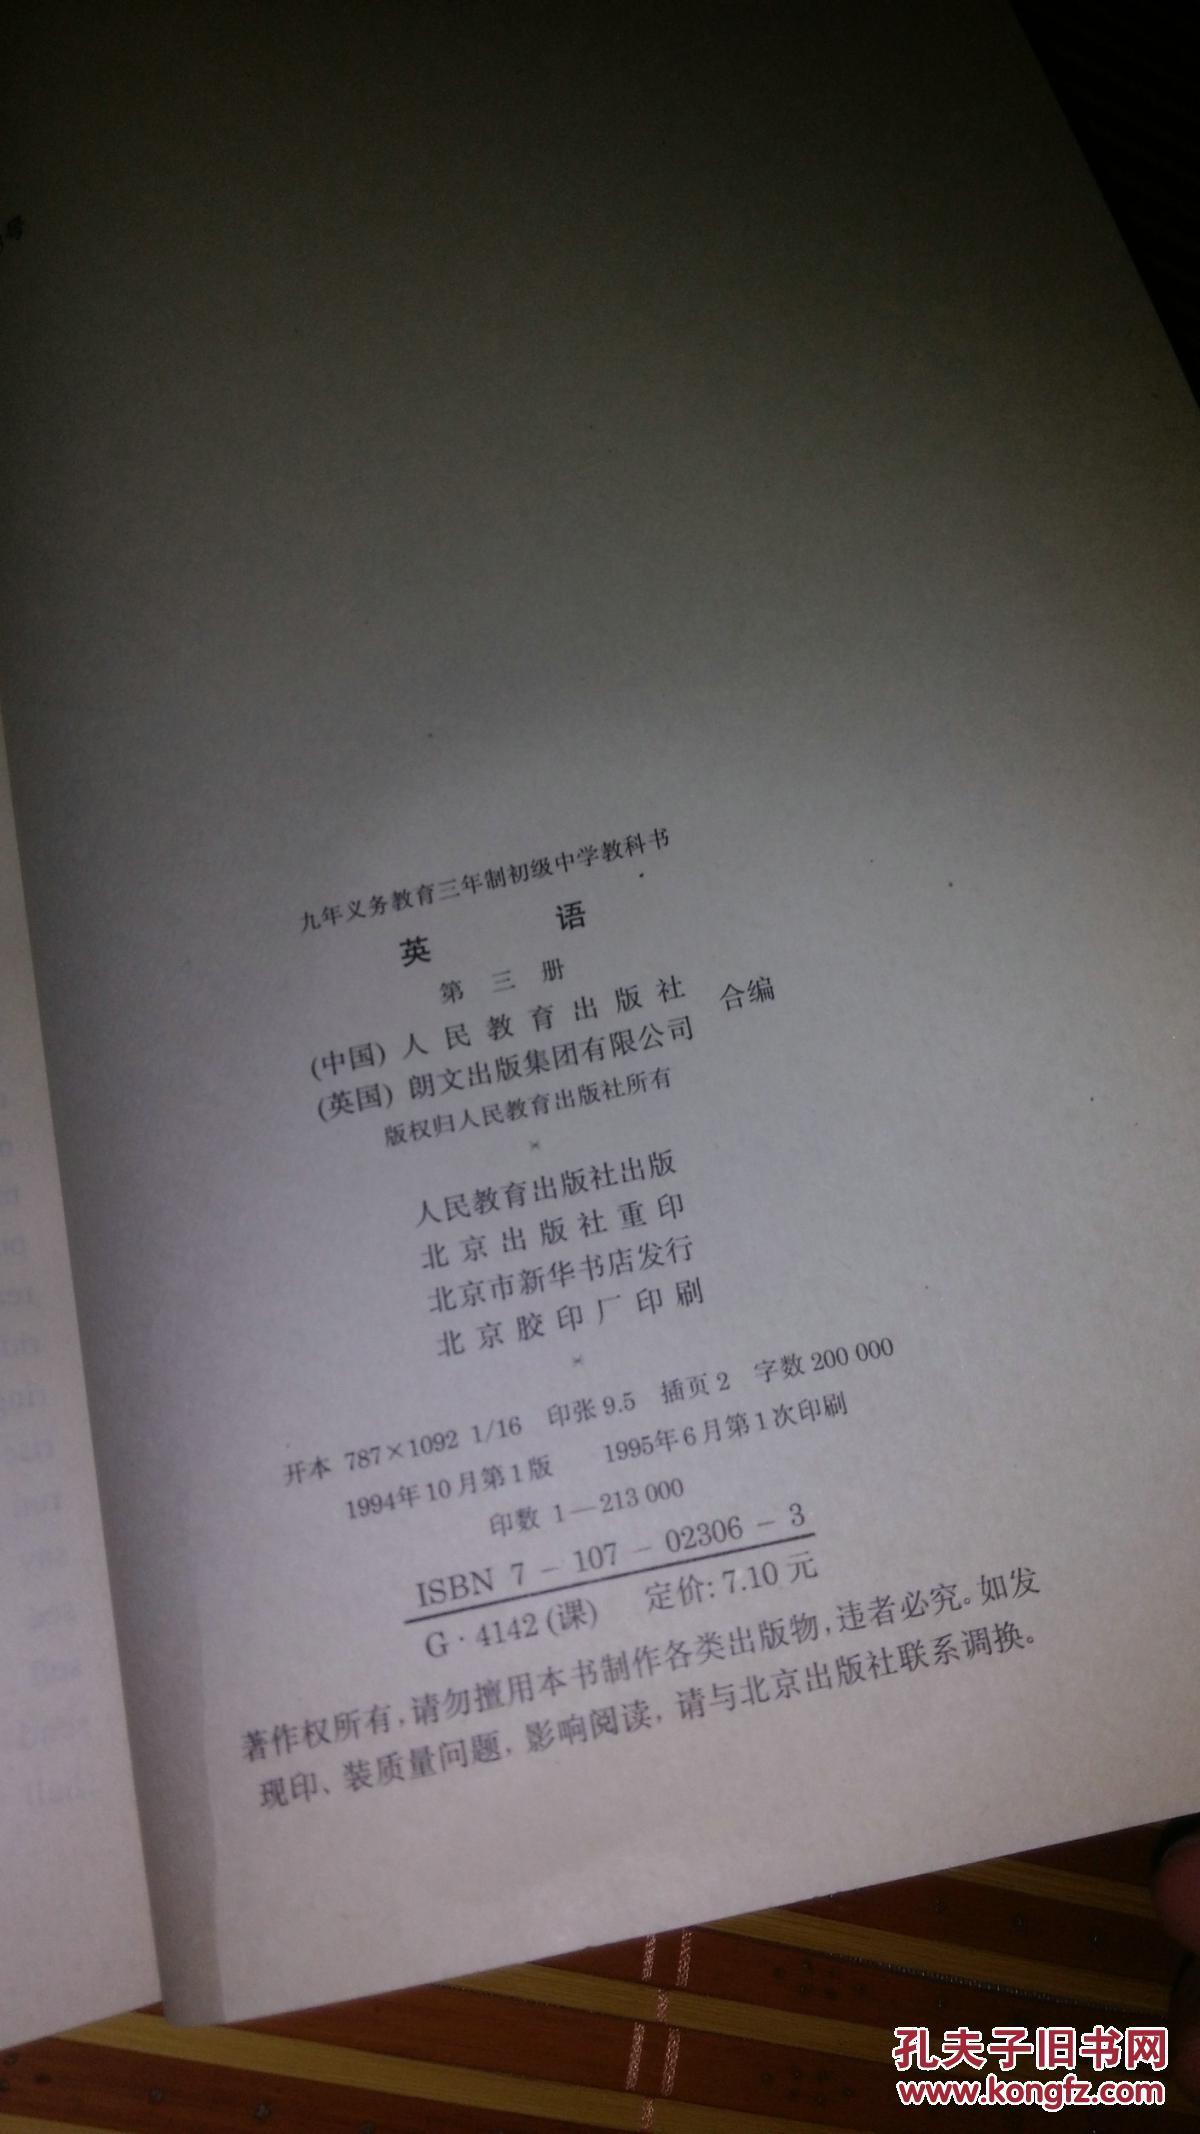 孔网唯一全品80后怀旧教材:九年义务教育三年制初级中学教科书 英语